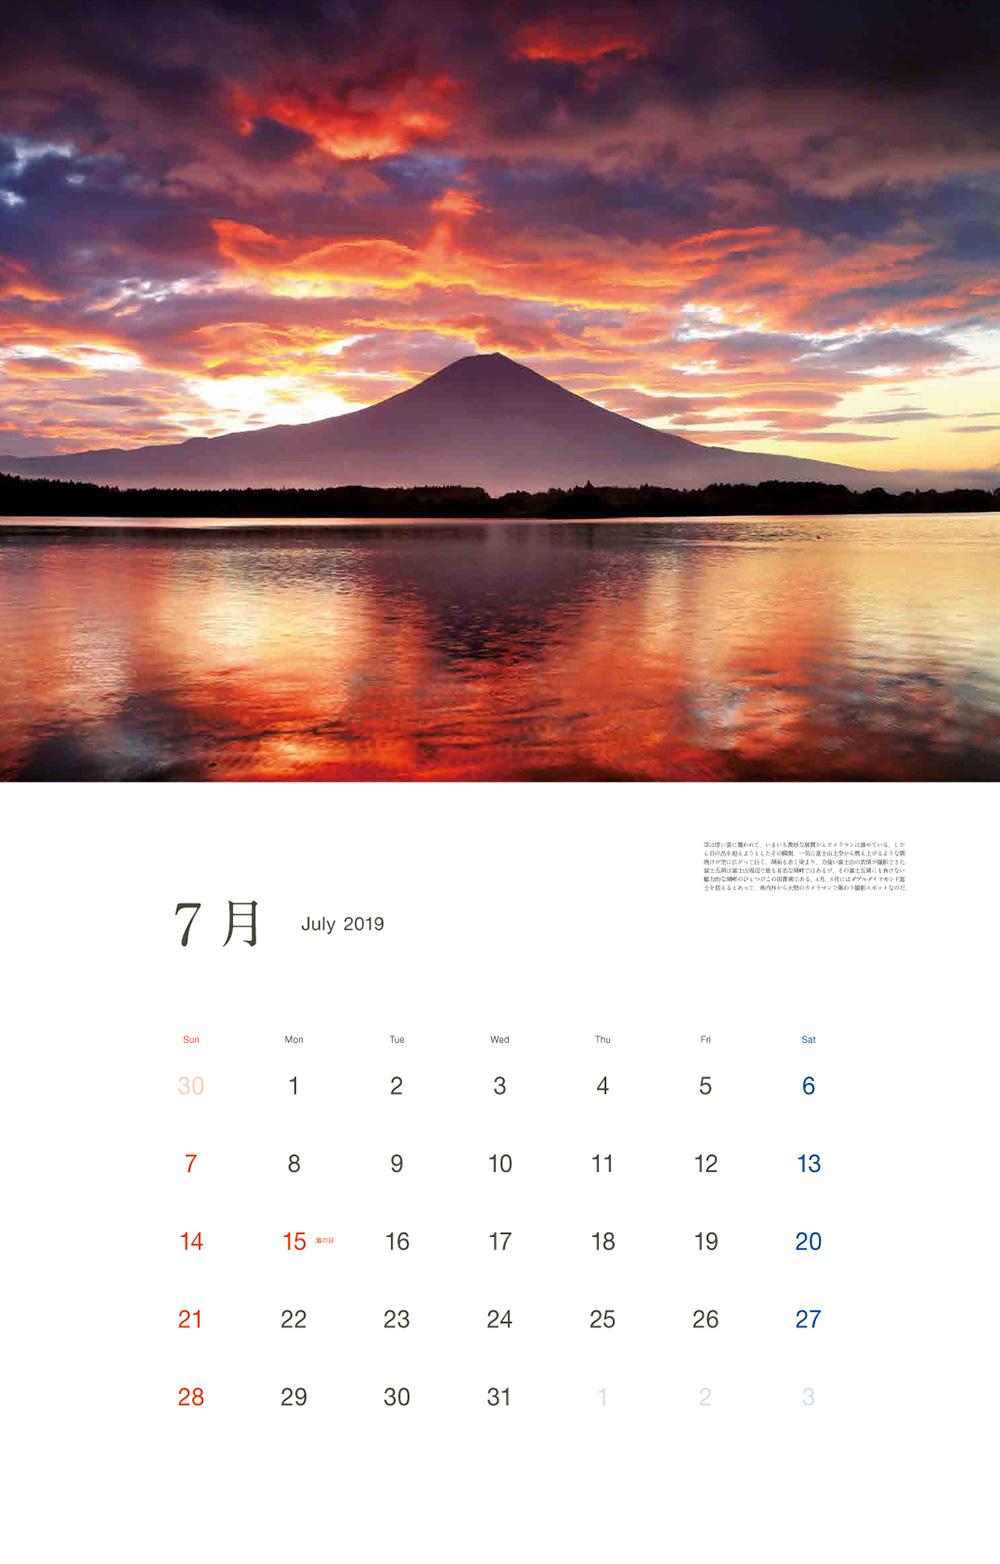 カレンダー2019 東京カメラ部×?出版社 富士山